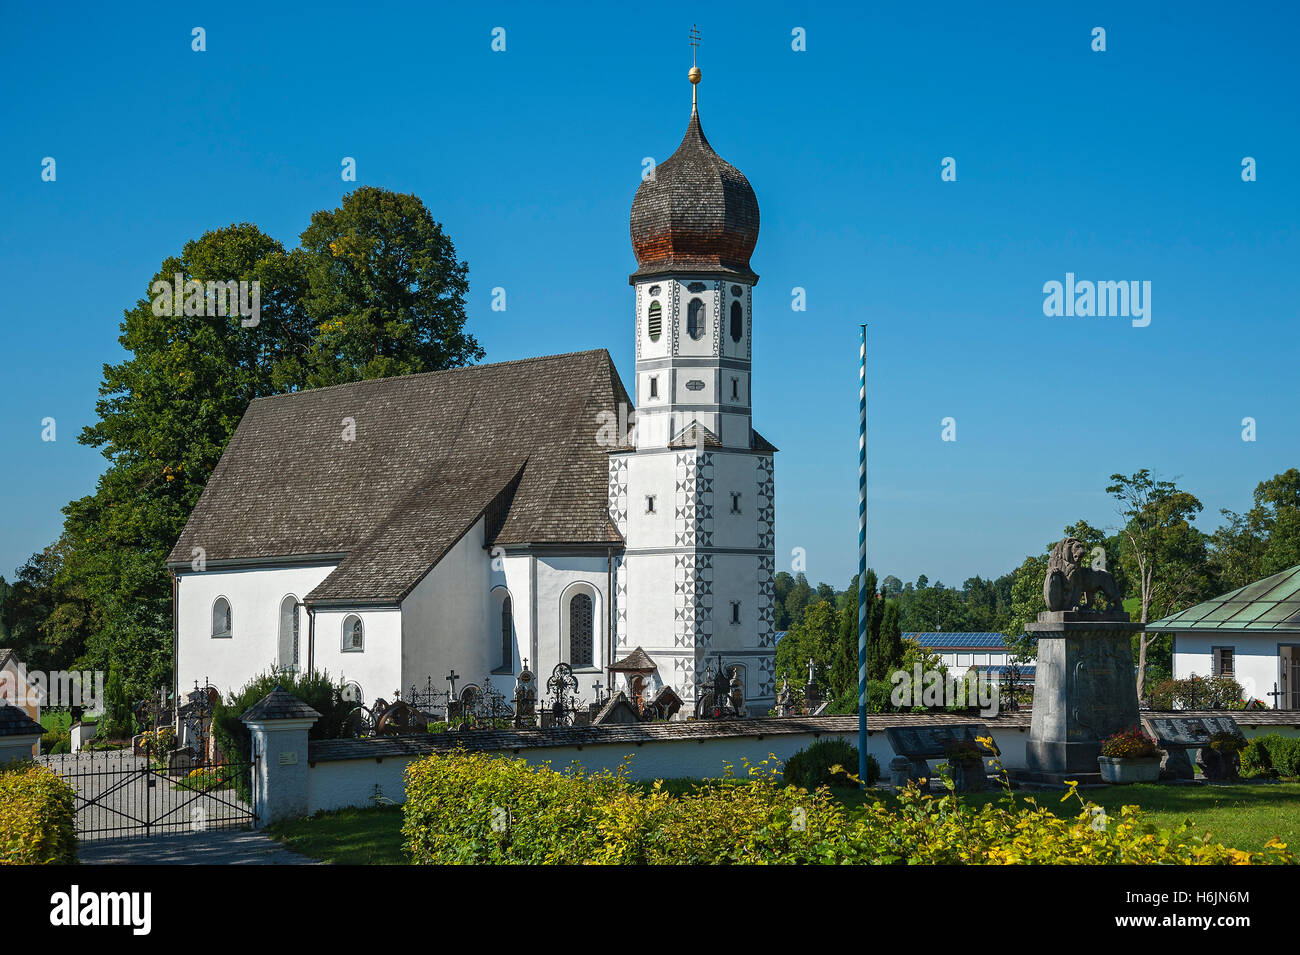 Chapel of Mariä Schutz in Fischbachau, Upper Bavaria, Bavaria, Germany - Stock Image